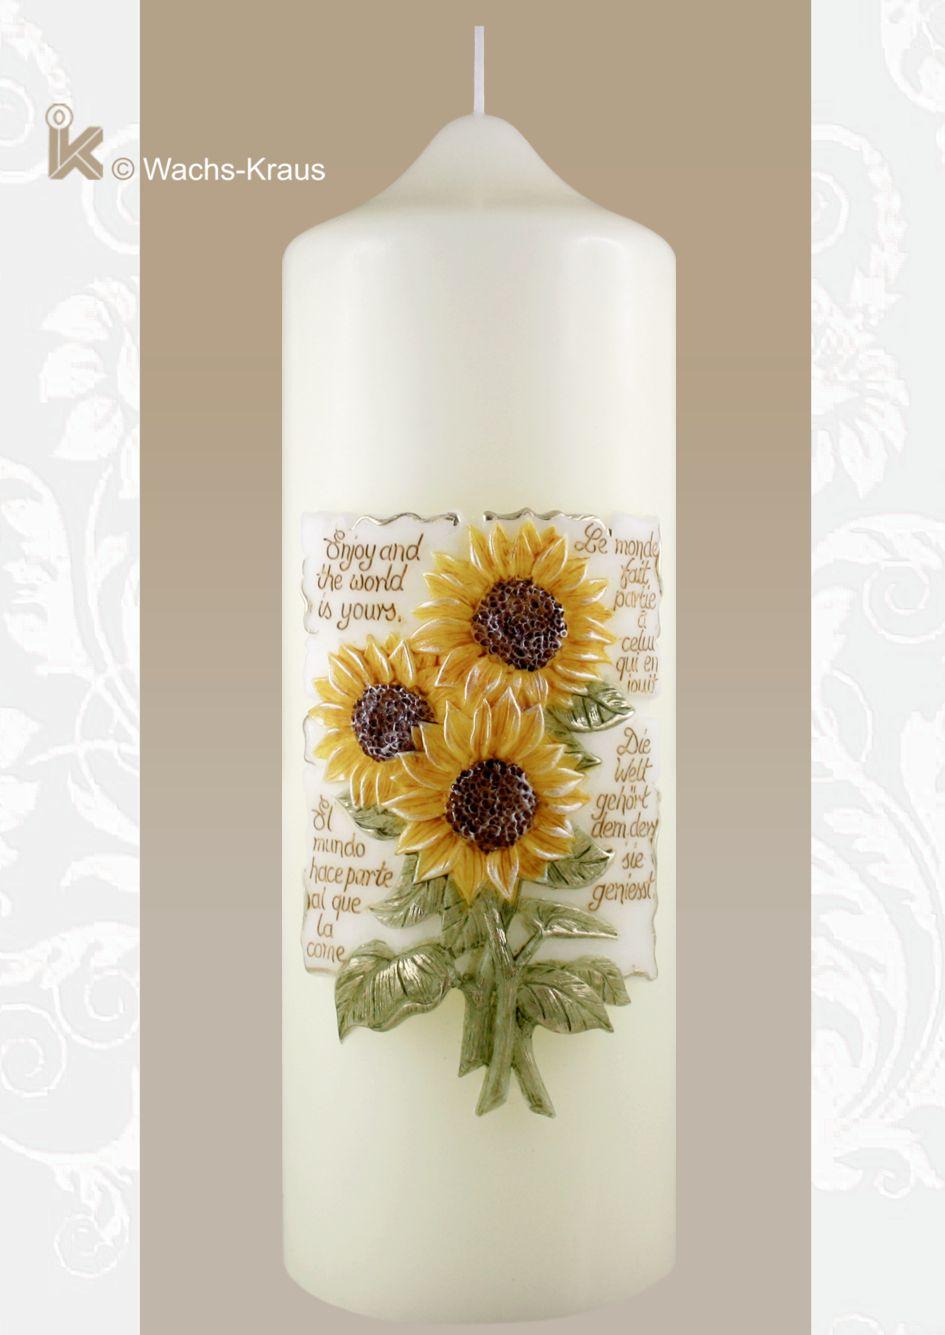 """""""Die Welt gehört dem, der sie genießt"""" dieser Spruch, ist in vier Sprachen zusammen mit einer sehr schönen Sonnenblume auf einem Relief."""